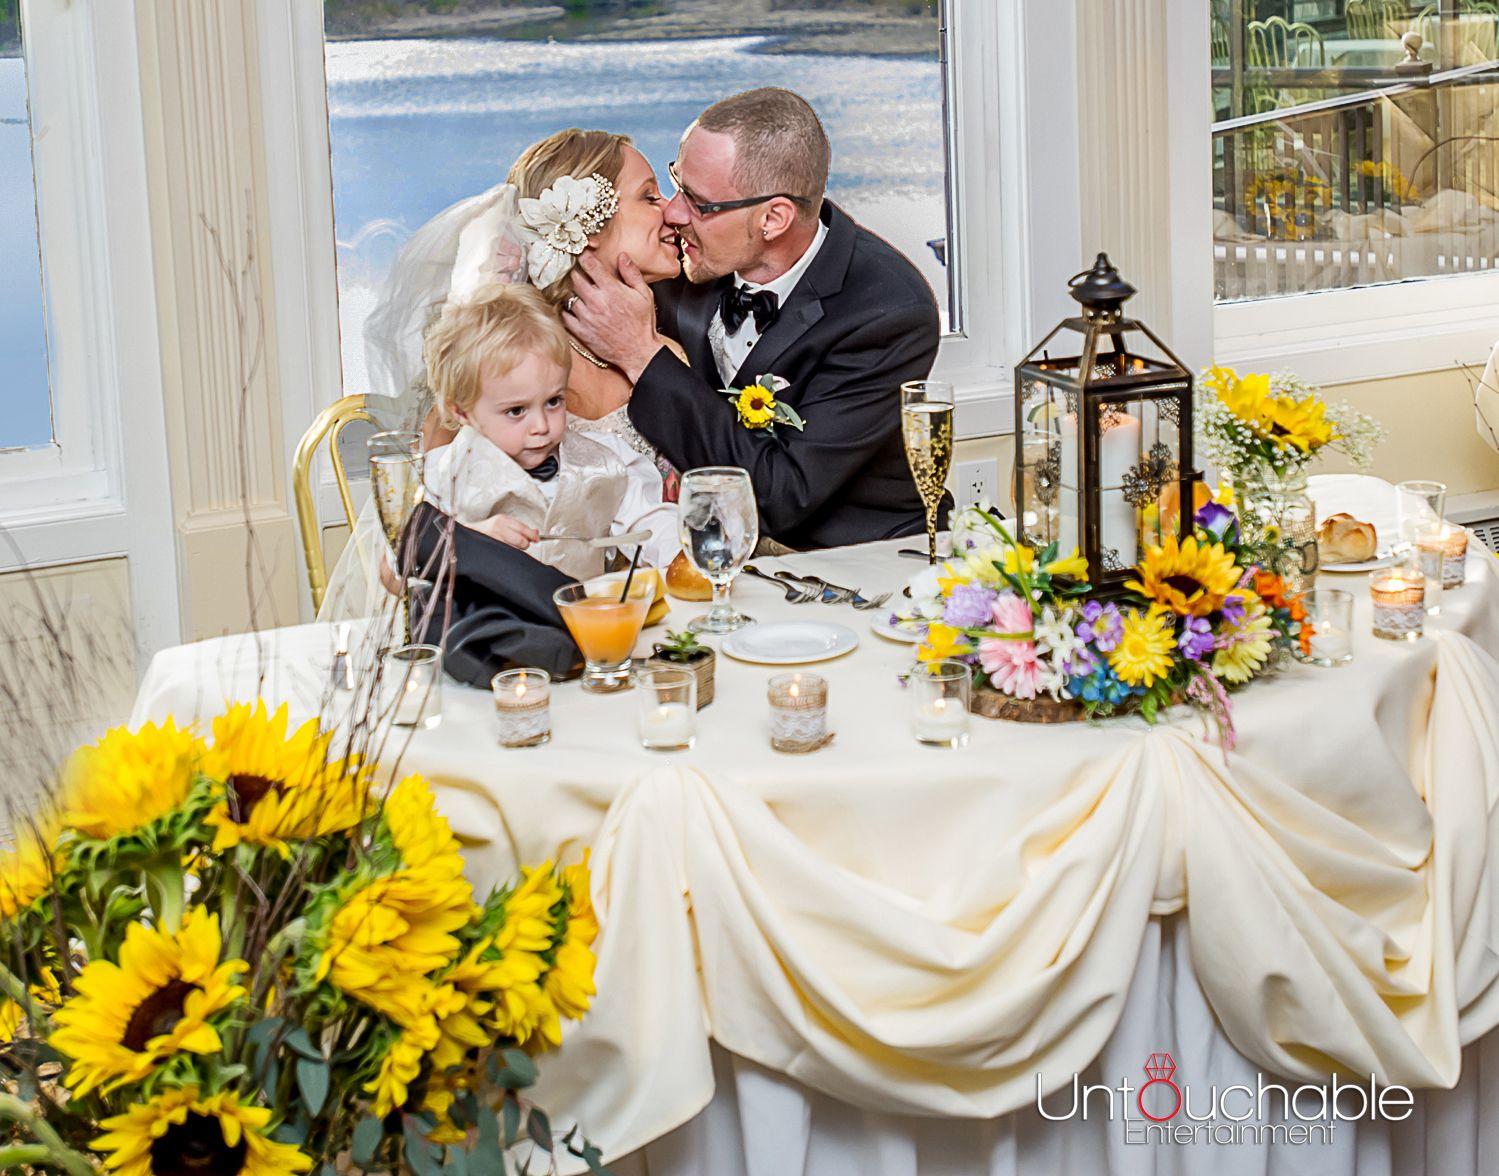 #NJ #Wedding #Photography  #UntouchableEntertainment